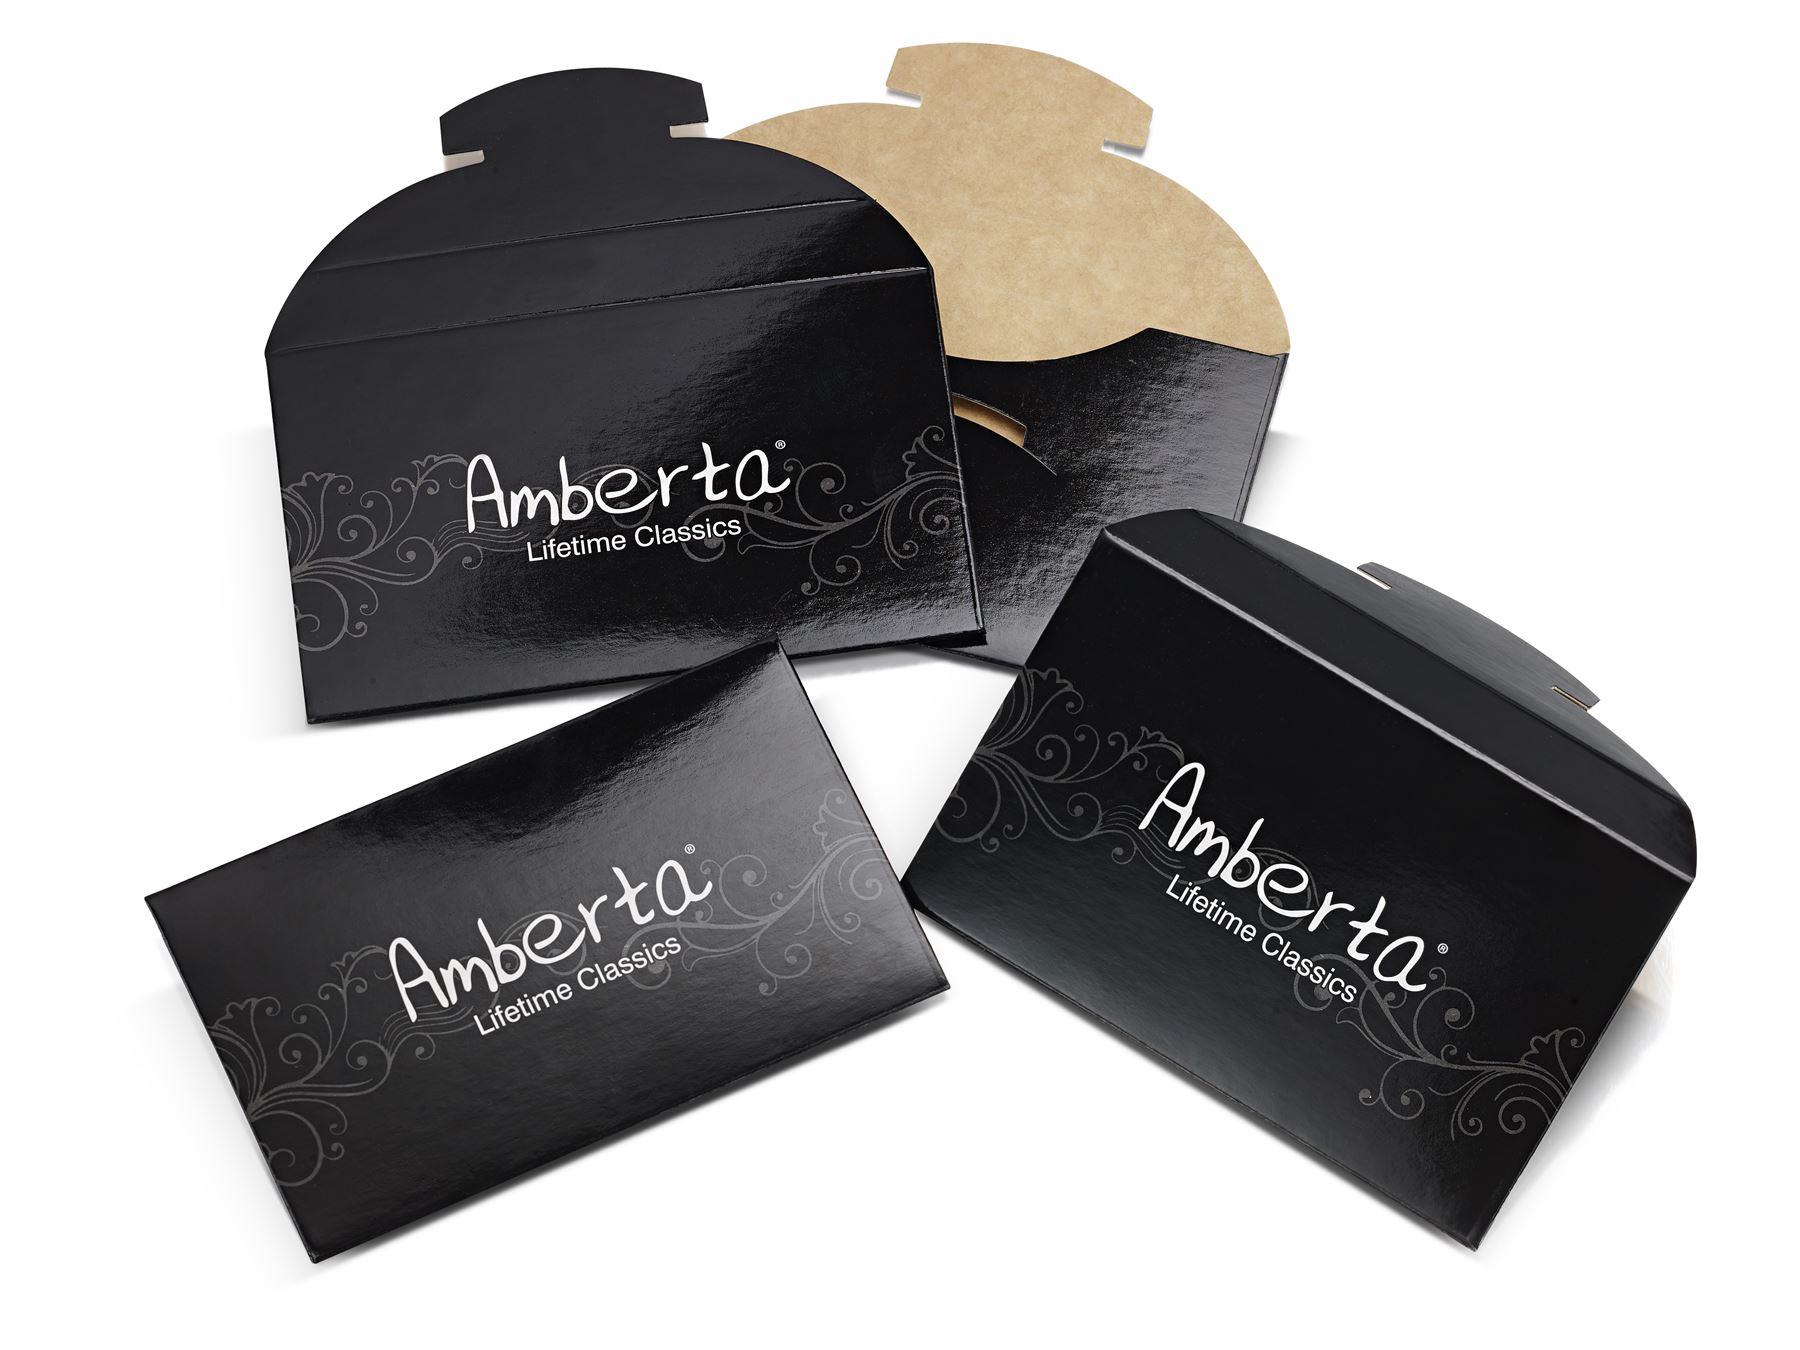 Amberta-Bijoux-Bracelet-en-Vrai-Argent-Sterling-925-Chaine-pour-Femme-a-la-Mode thumbnail 99